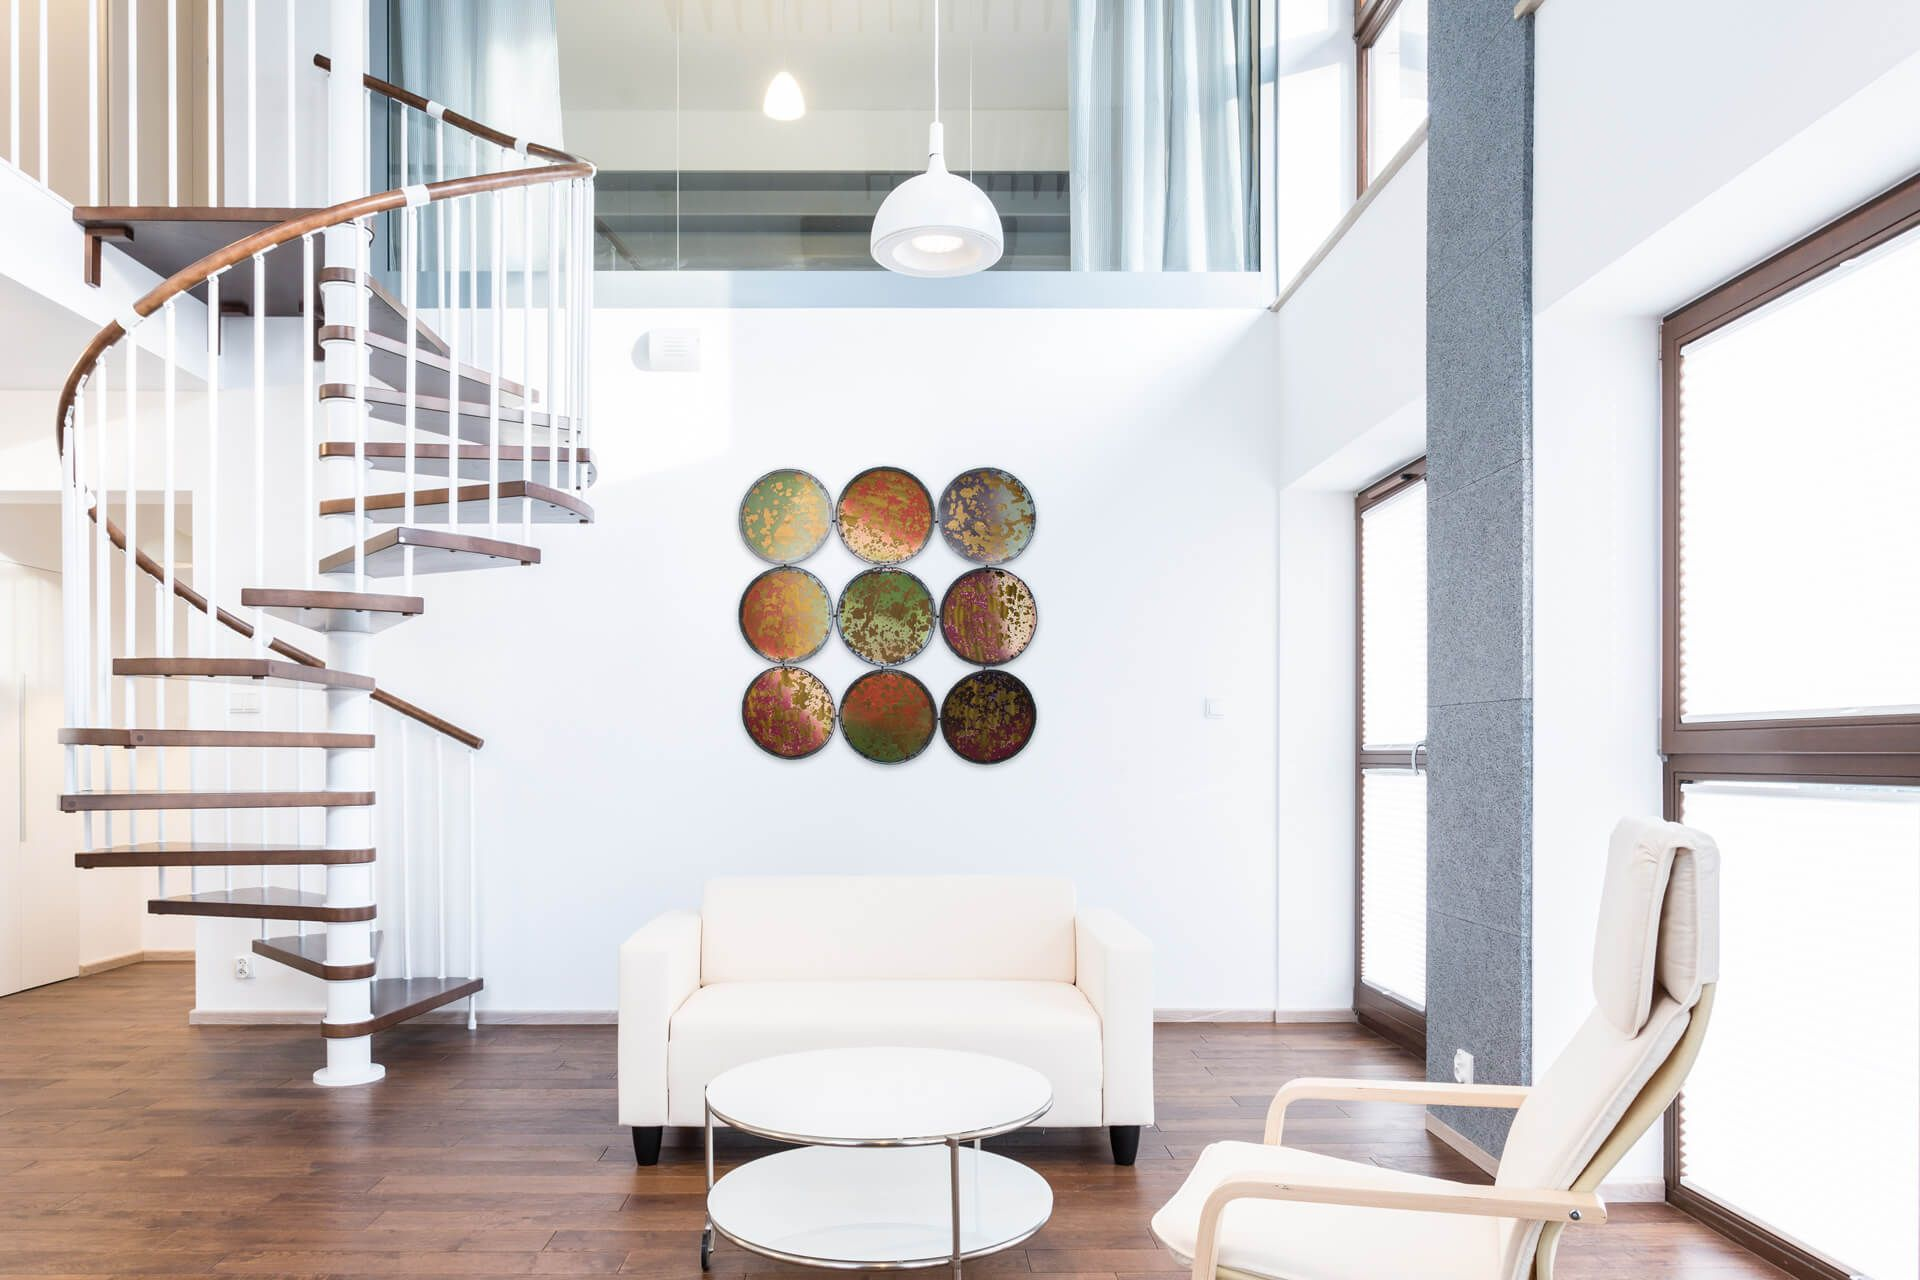 Metall Wandskulptur 'Tainted Mirror' 90x90x2cm #indischeswohnzimmer Das indische Farbenfest Holi zaubern Sie mit der extravaganten Wandbild aus Metall 'Tainted Mirror' in Ihr Wohnzimmer. Tatsächlich wirken die neun Kreise wie von Farben beworfen und strahlen damit eine fröhliche Einzigartigkeit aus, die ihresgleichen sucht. Dieser XXL-Farbklecks hebt Ihre Stimmung, ganz egal, wo Sie ihn sehen: Im Büro lockert er die Atmosphäre und Ihr Café erhält einen aufregenden Blickfang. Handgearbe #indischeswohnzimmer